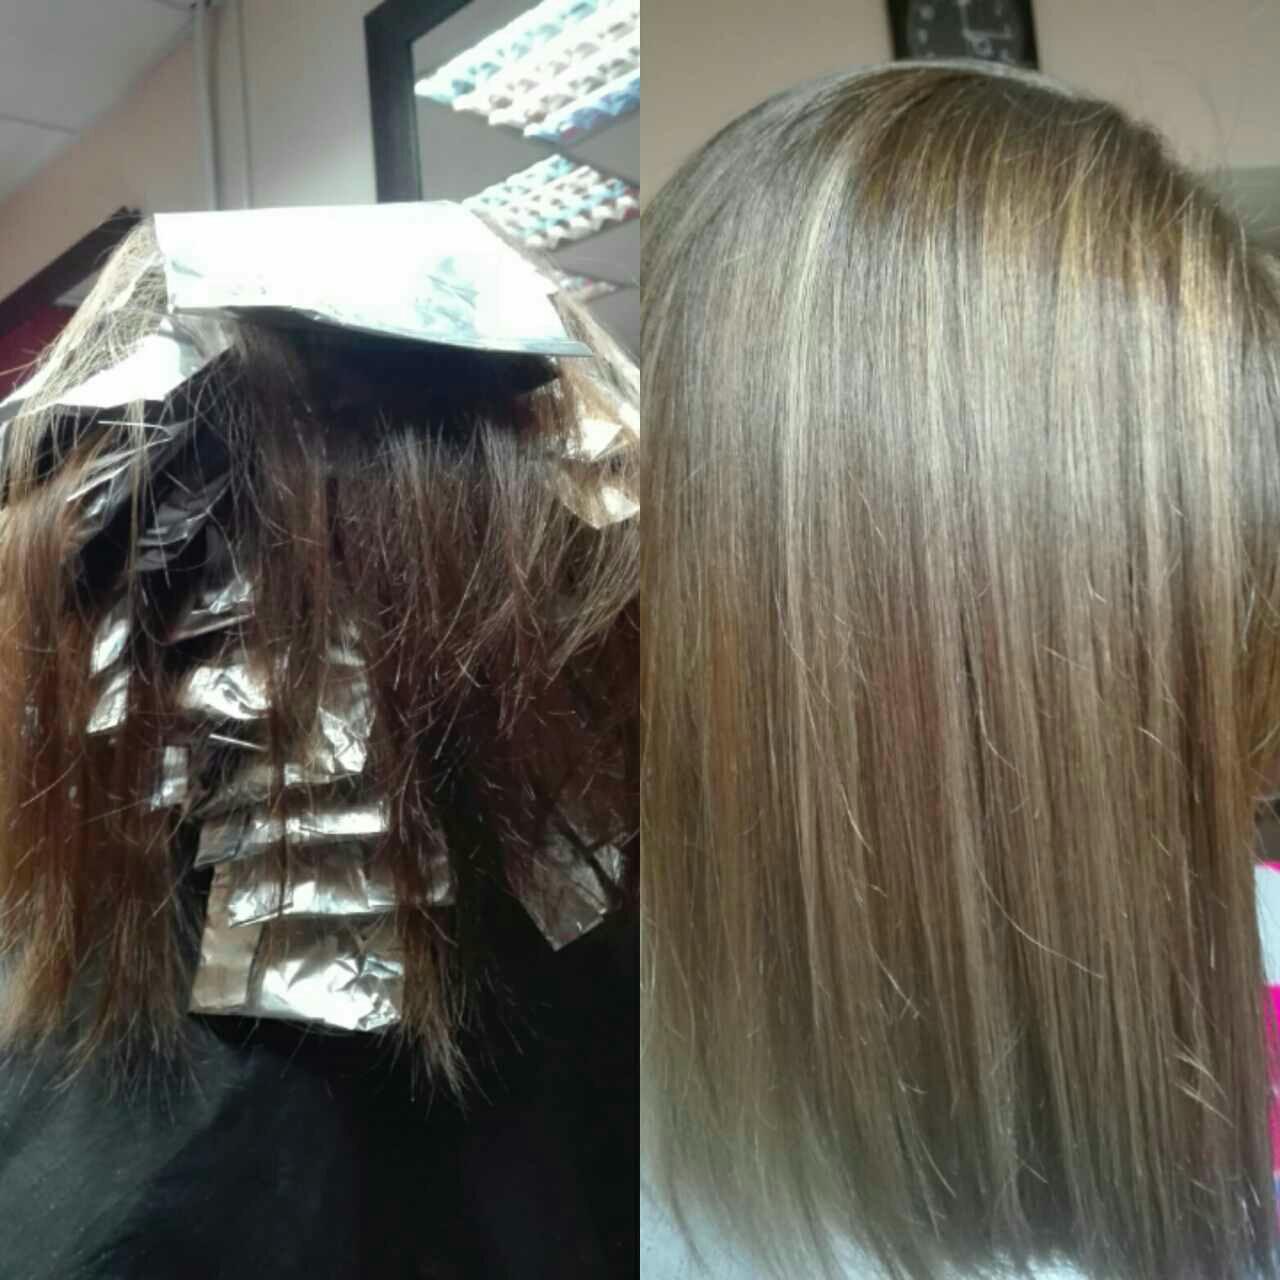 Окрашивание, полировка, биозавивка, выпрямление волос, прически  от 15 руб.